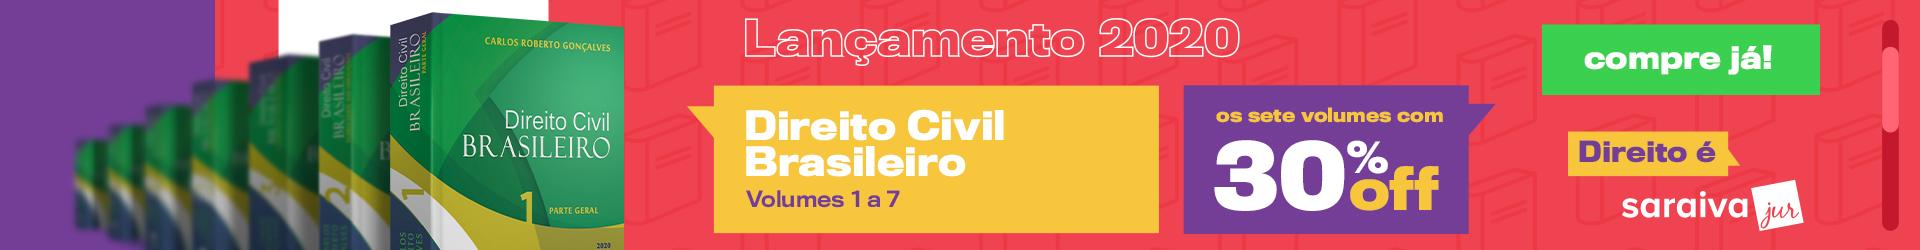 civilbrasileiro2020